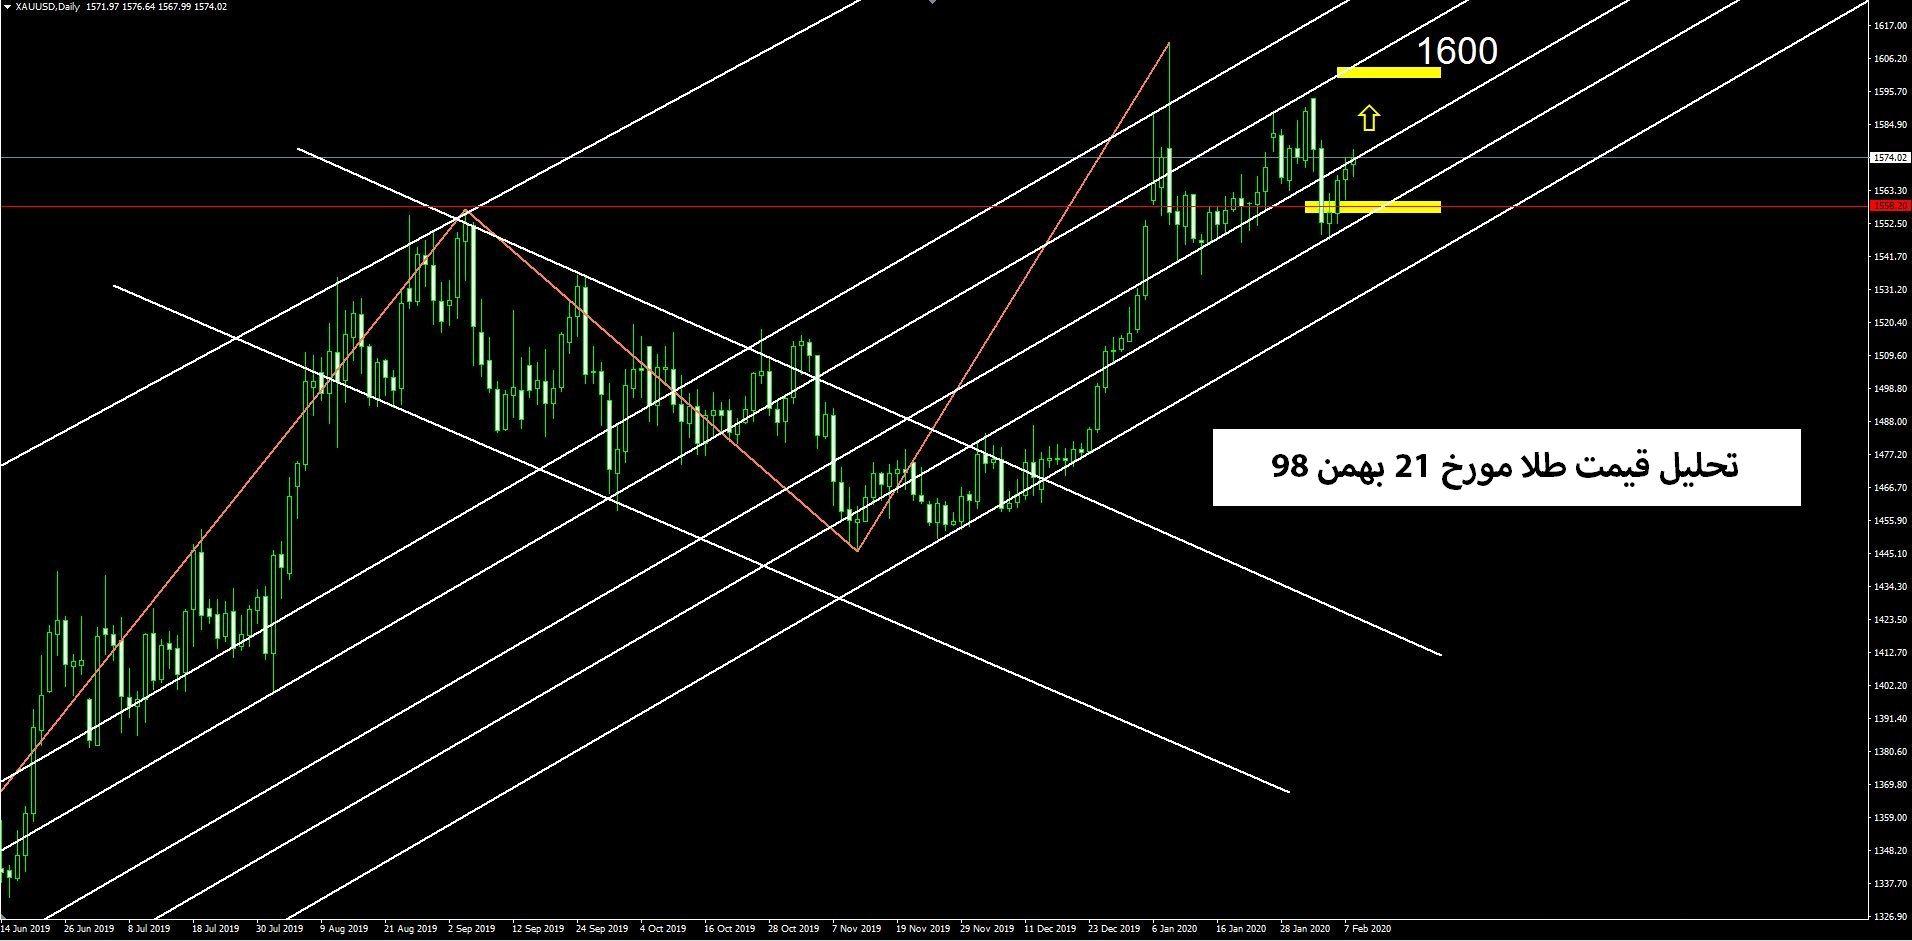 تحلیل تکنیکال طلا مورخ 21 بهمن 98